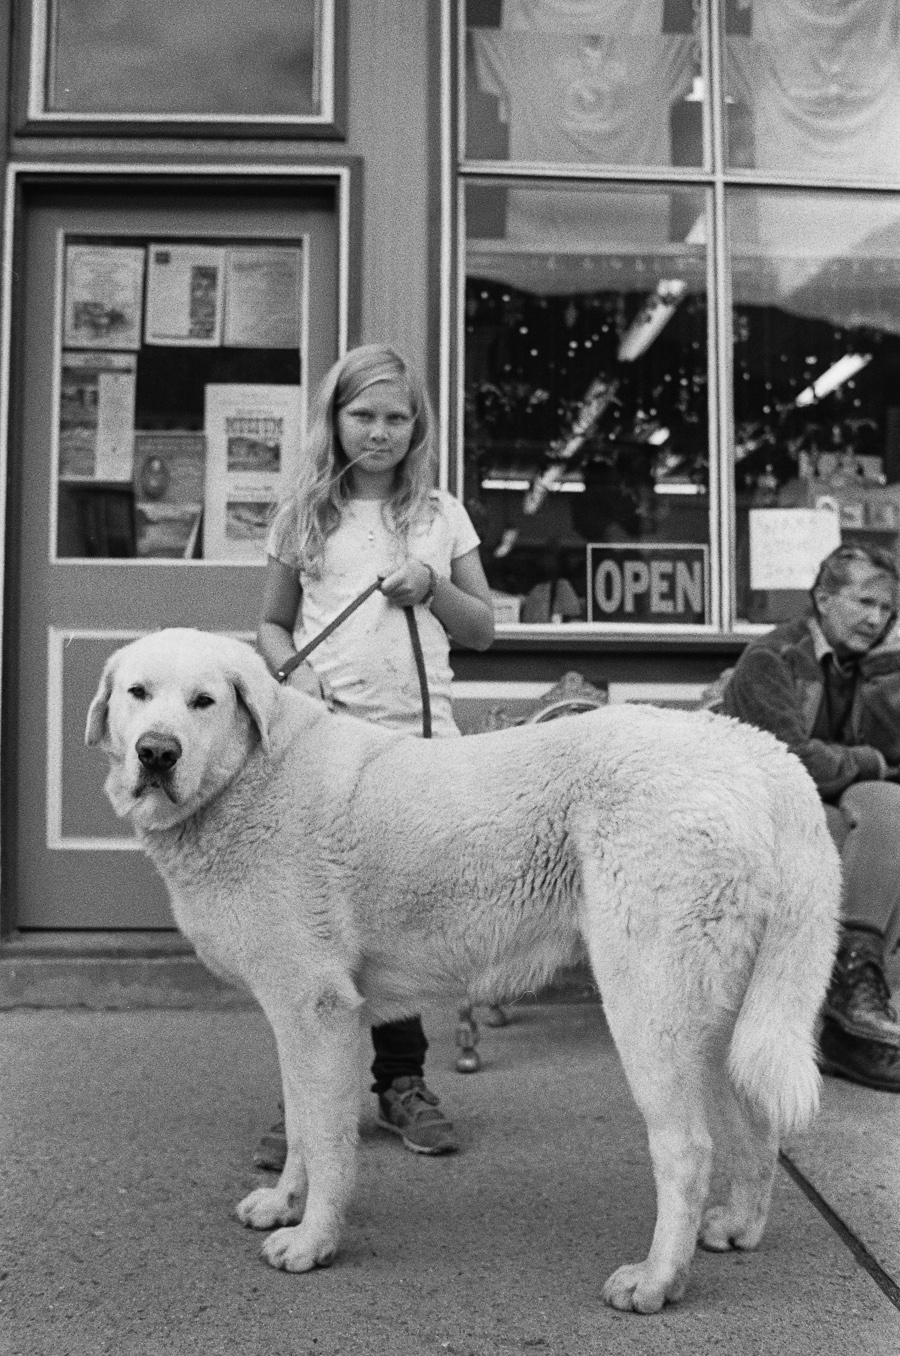 ^ Grace and a stranger's horse-sizeddog. Silverton, Colorado.